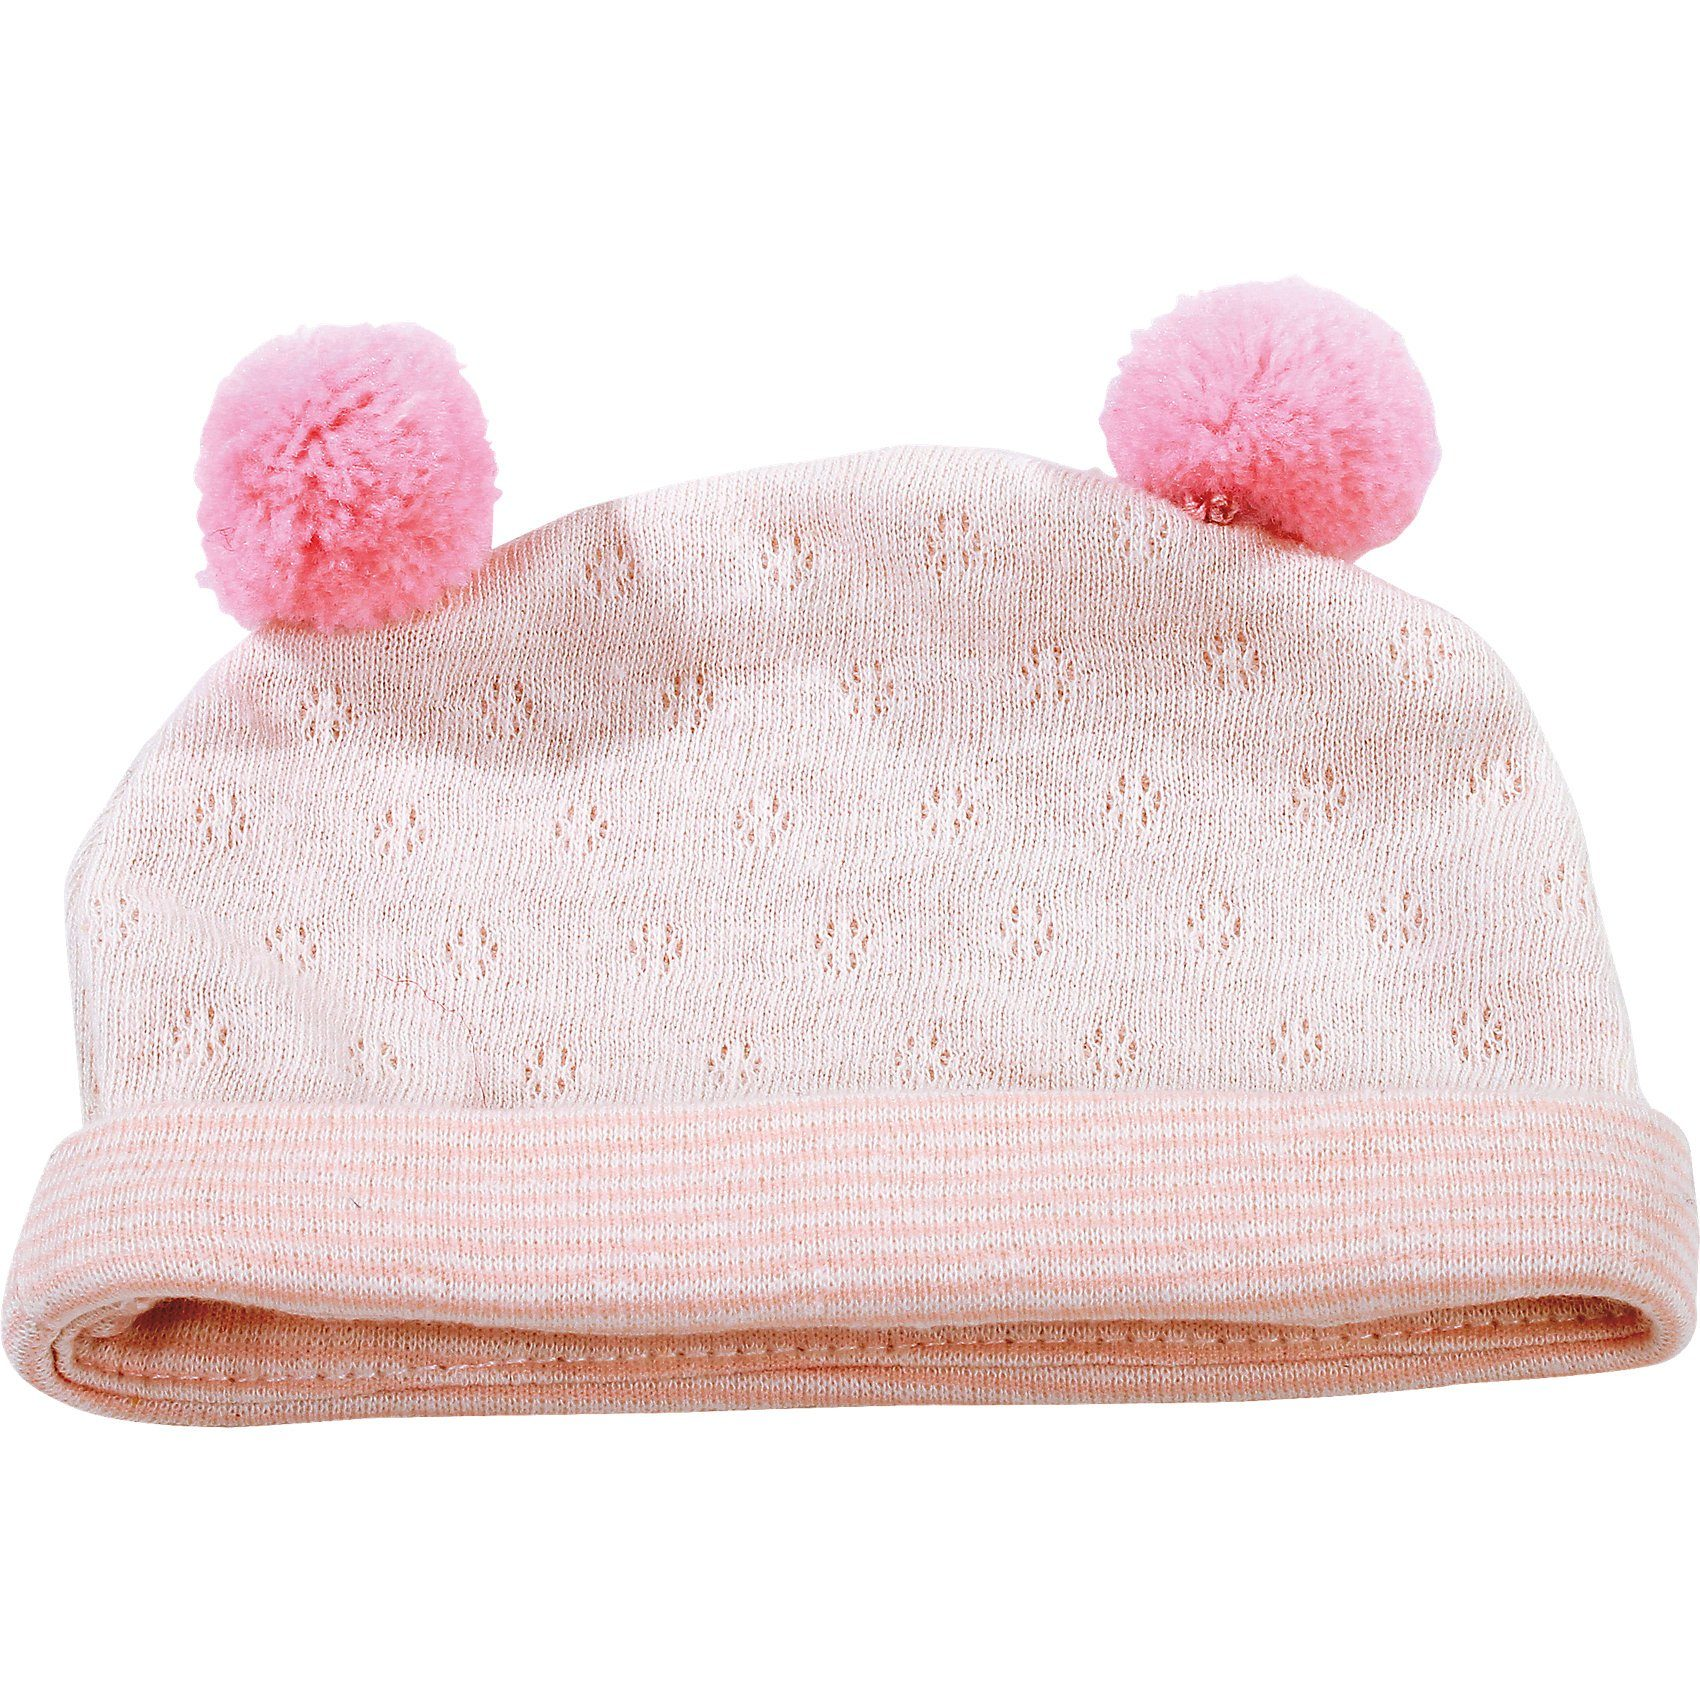 Götz Puppenkleidung Mütze, pink stripes 42-50 cm